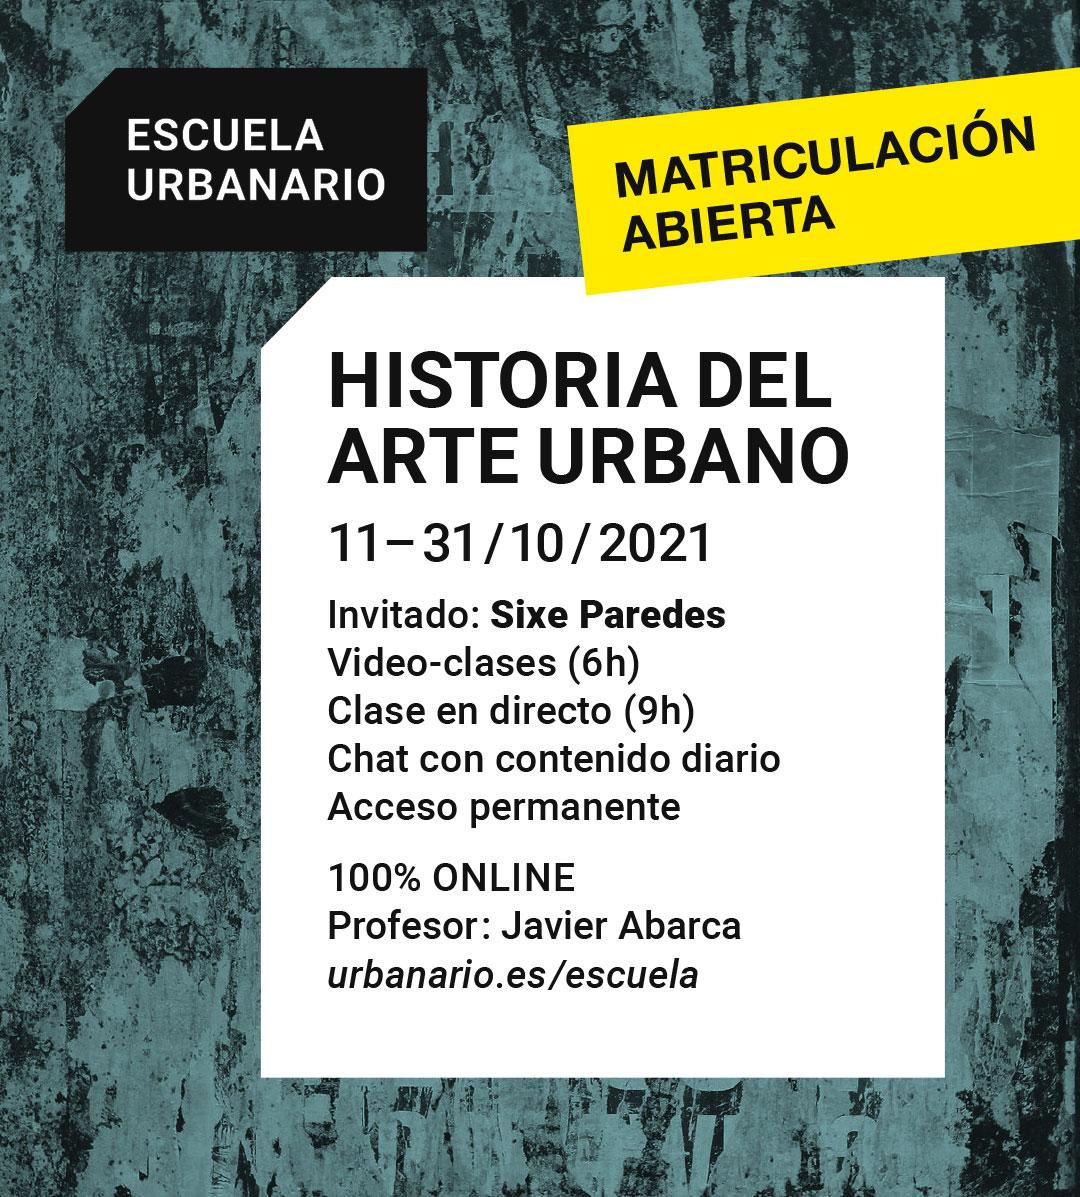 Historia del arte urbano - Escuela Urbanario